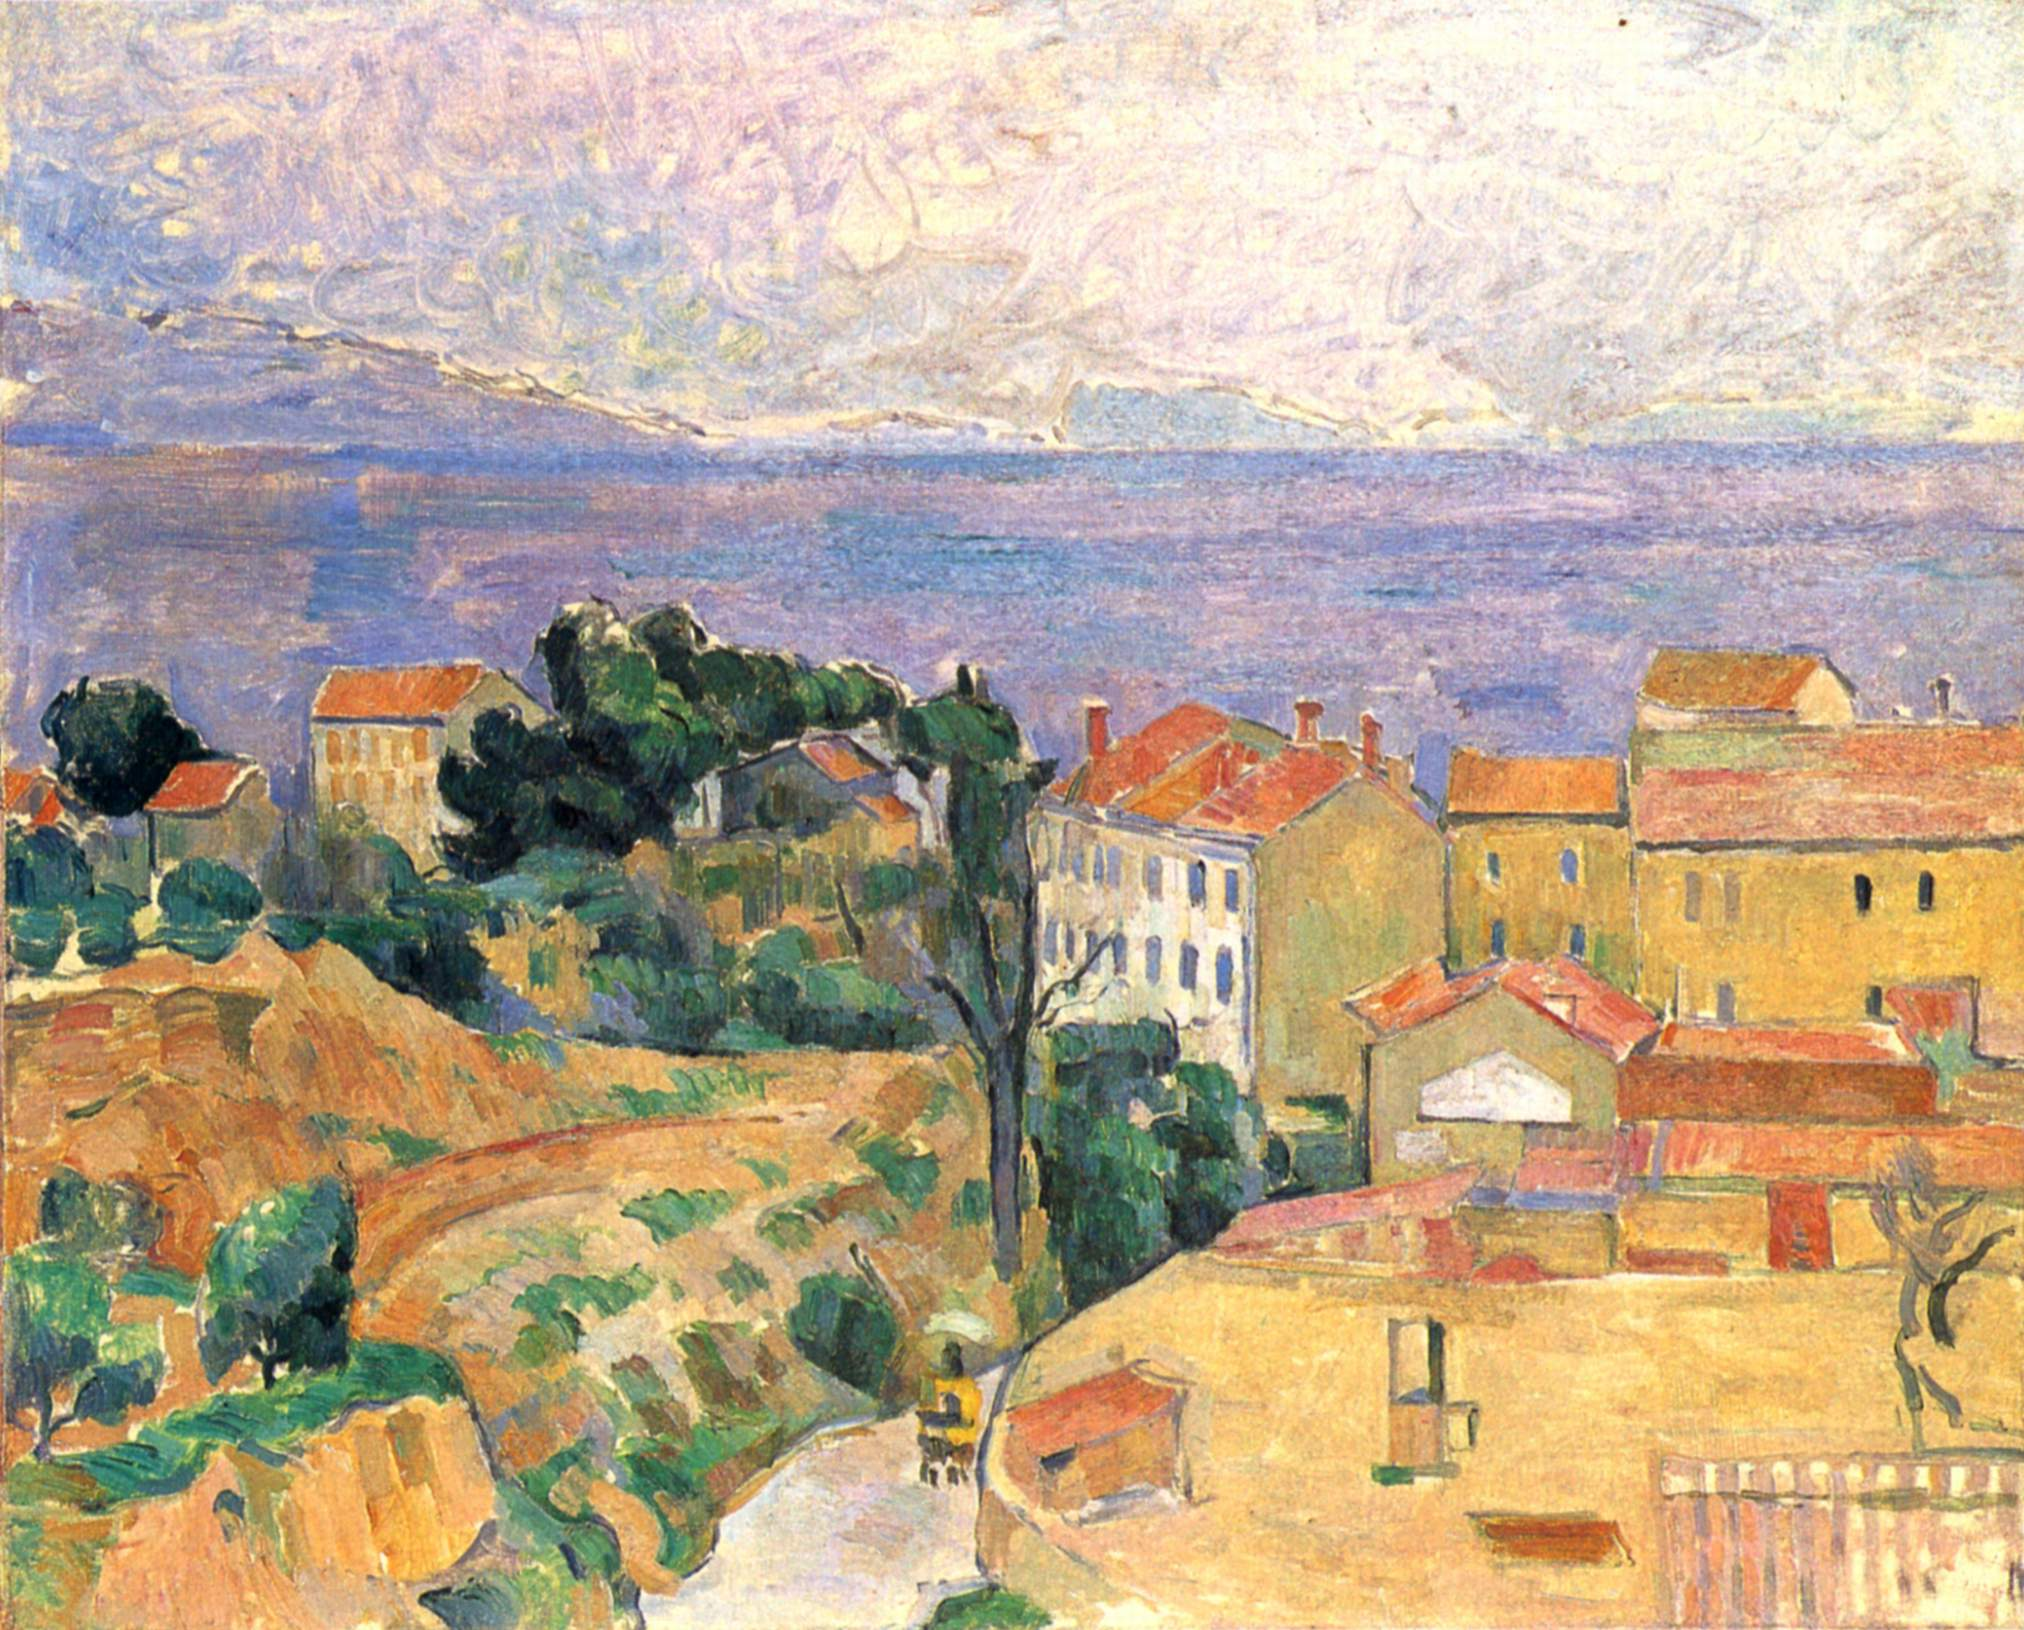 Поль Сезанн вид на Эстак пейзаж холст масло 1883 год